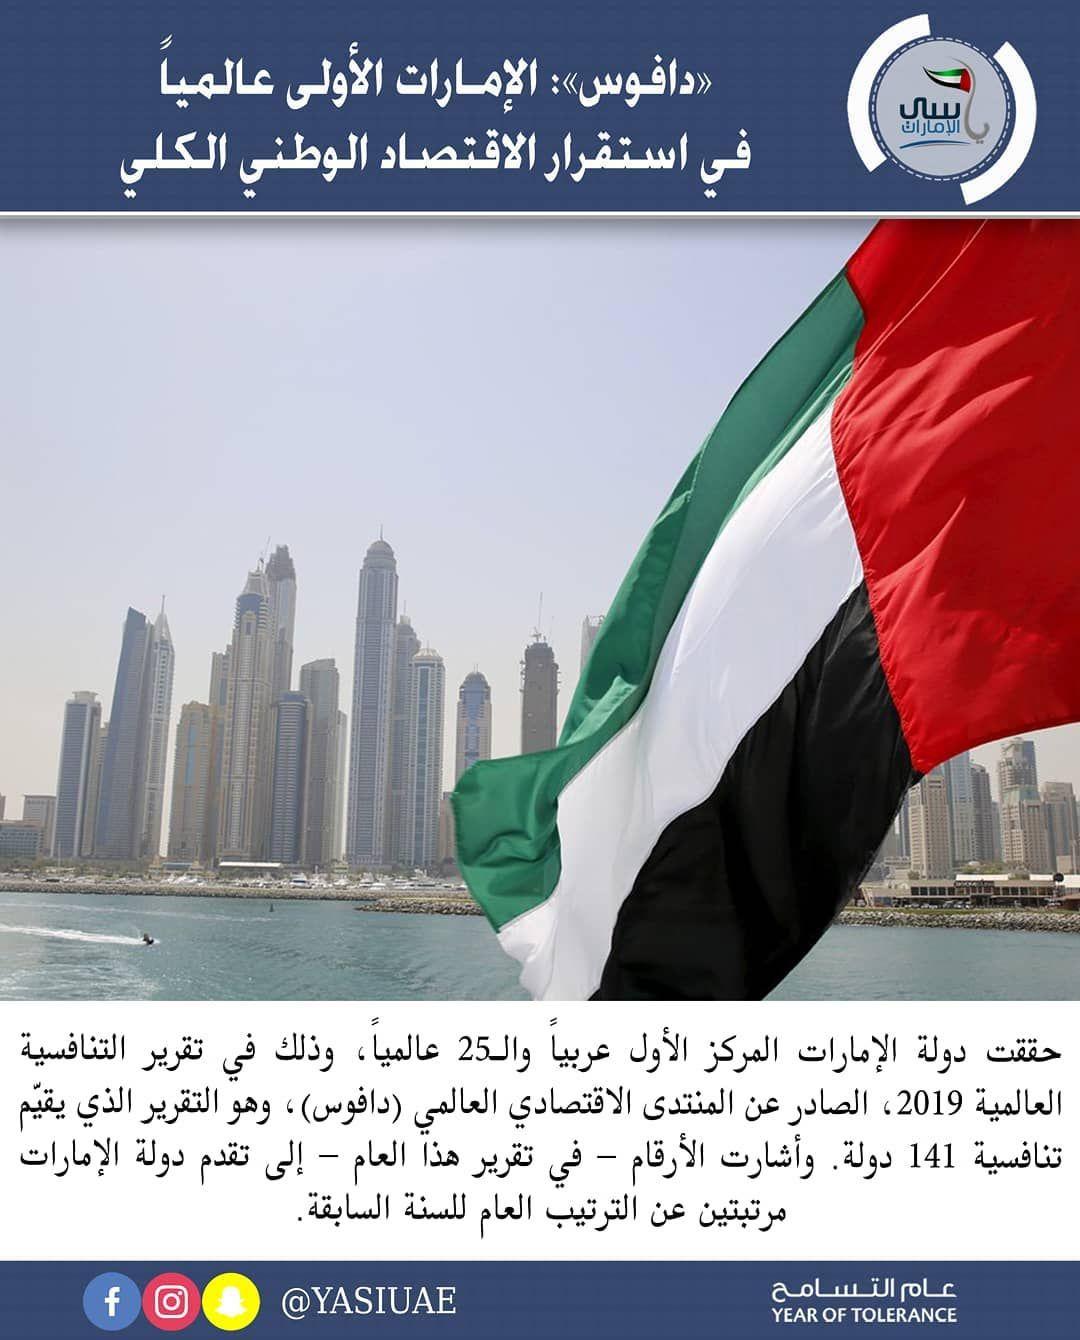 ياسي الامارات حققت دولة الإمارات المركز الأول عربيا والـ25 عالميا وذلك في تقرير التنافسية العالمية 2019 الصادر عن المنتدى الاقتصادي العالمي دافوس Years